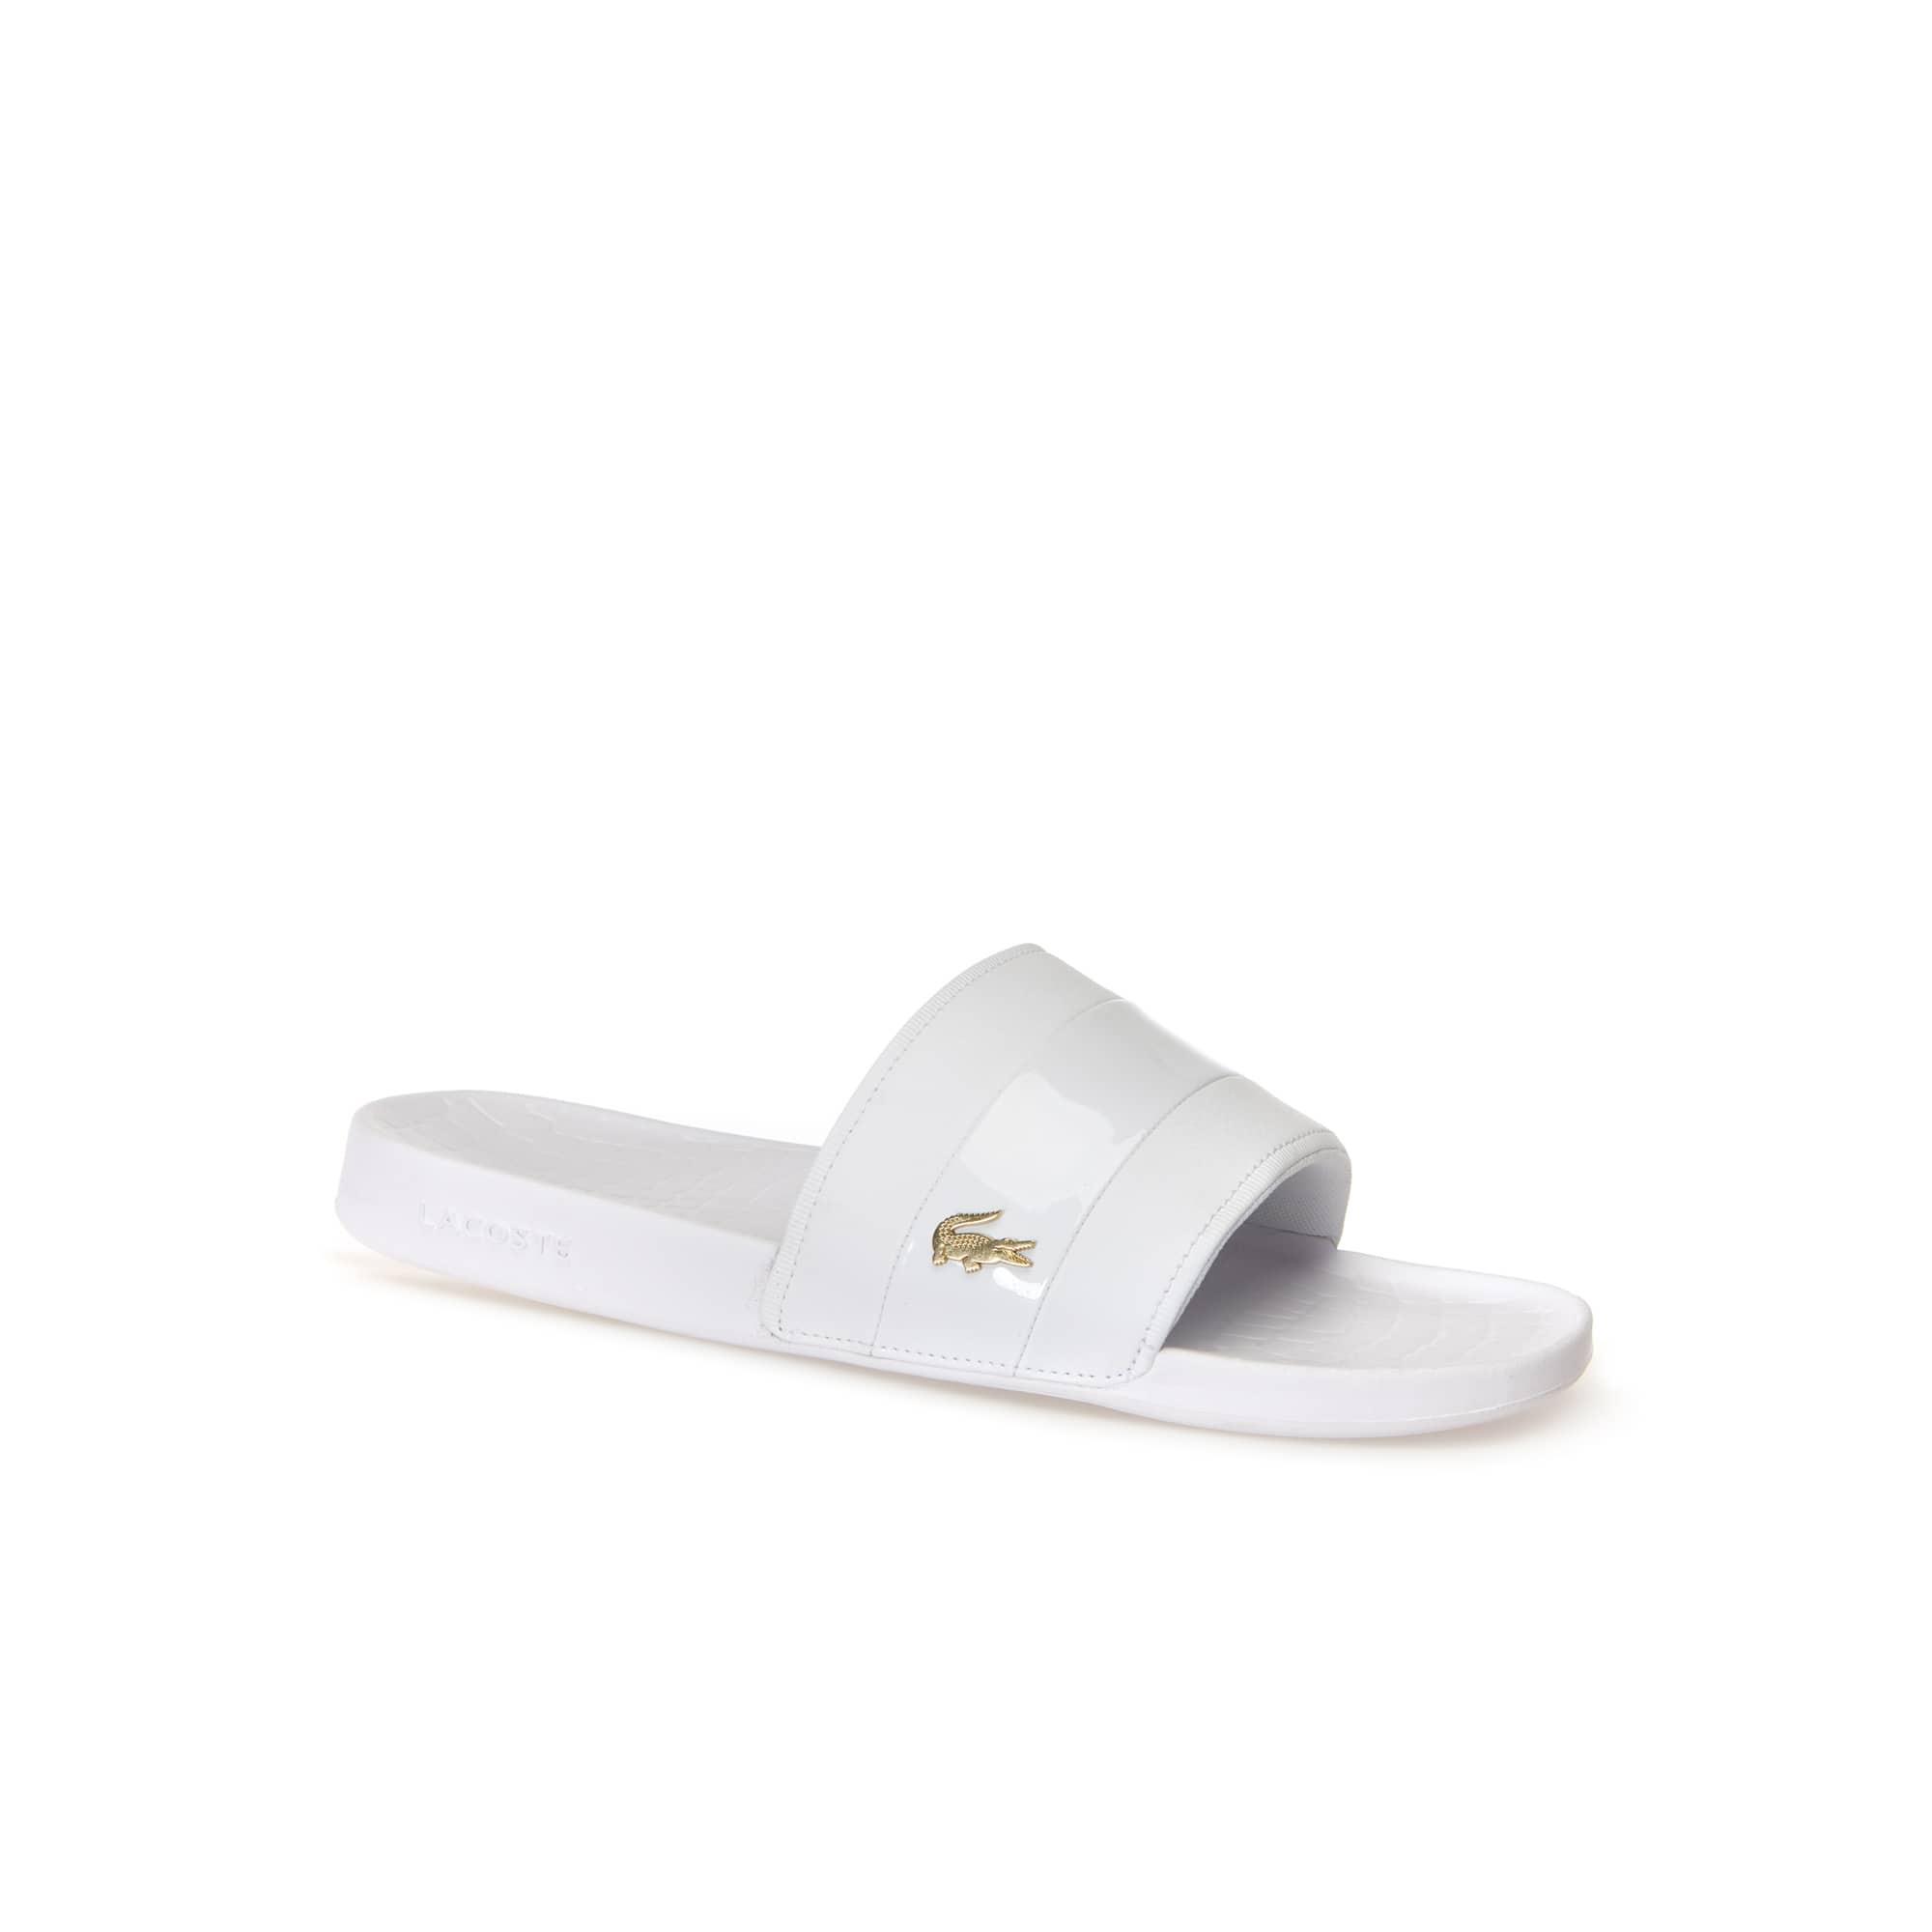 라코스테 Lacoste Men's Fraisier Leather Slides,white/gold